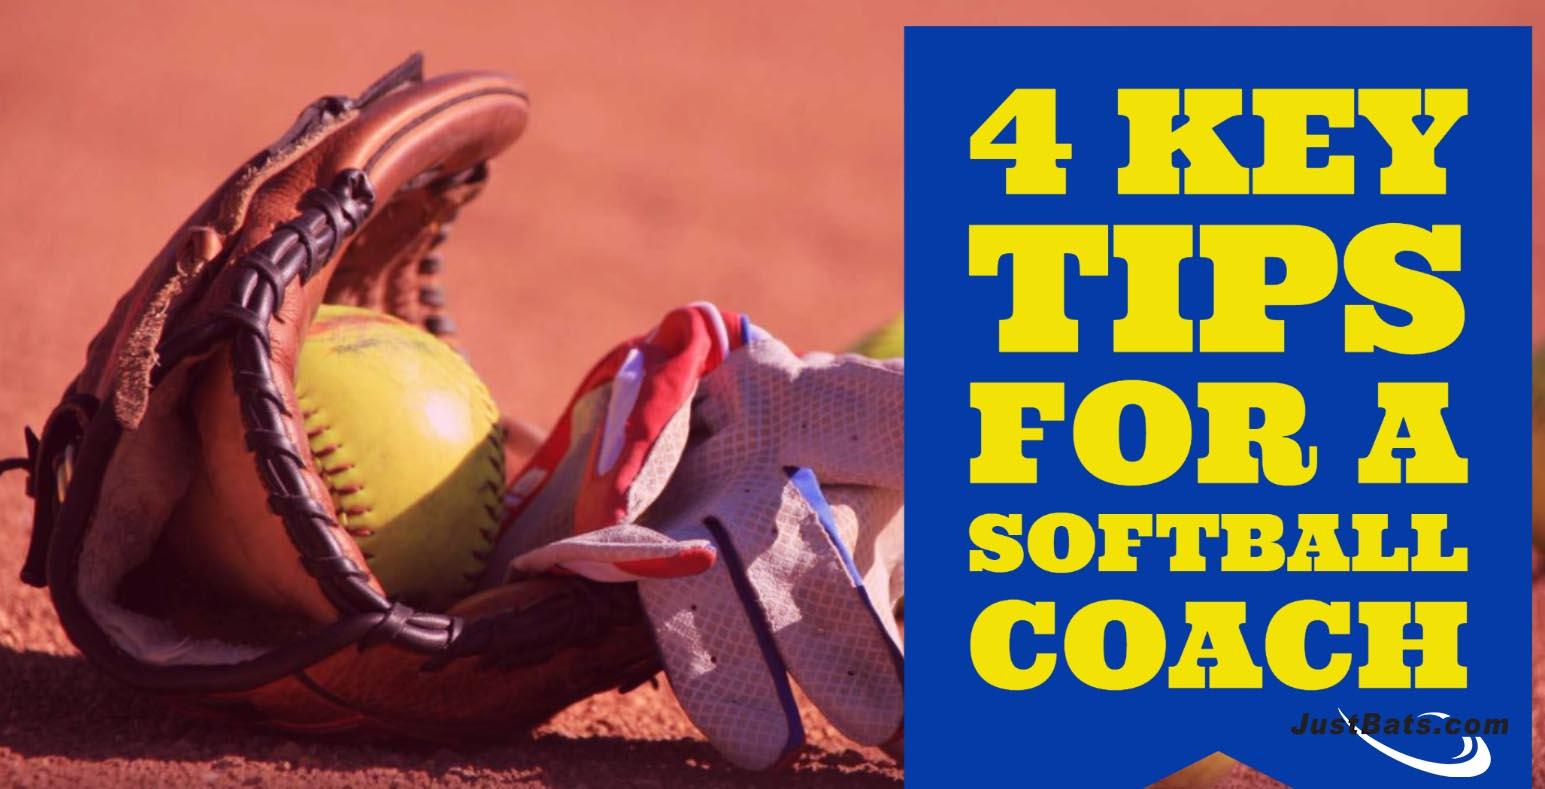 Softball_Advice.jpg